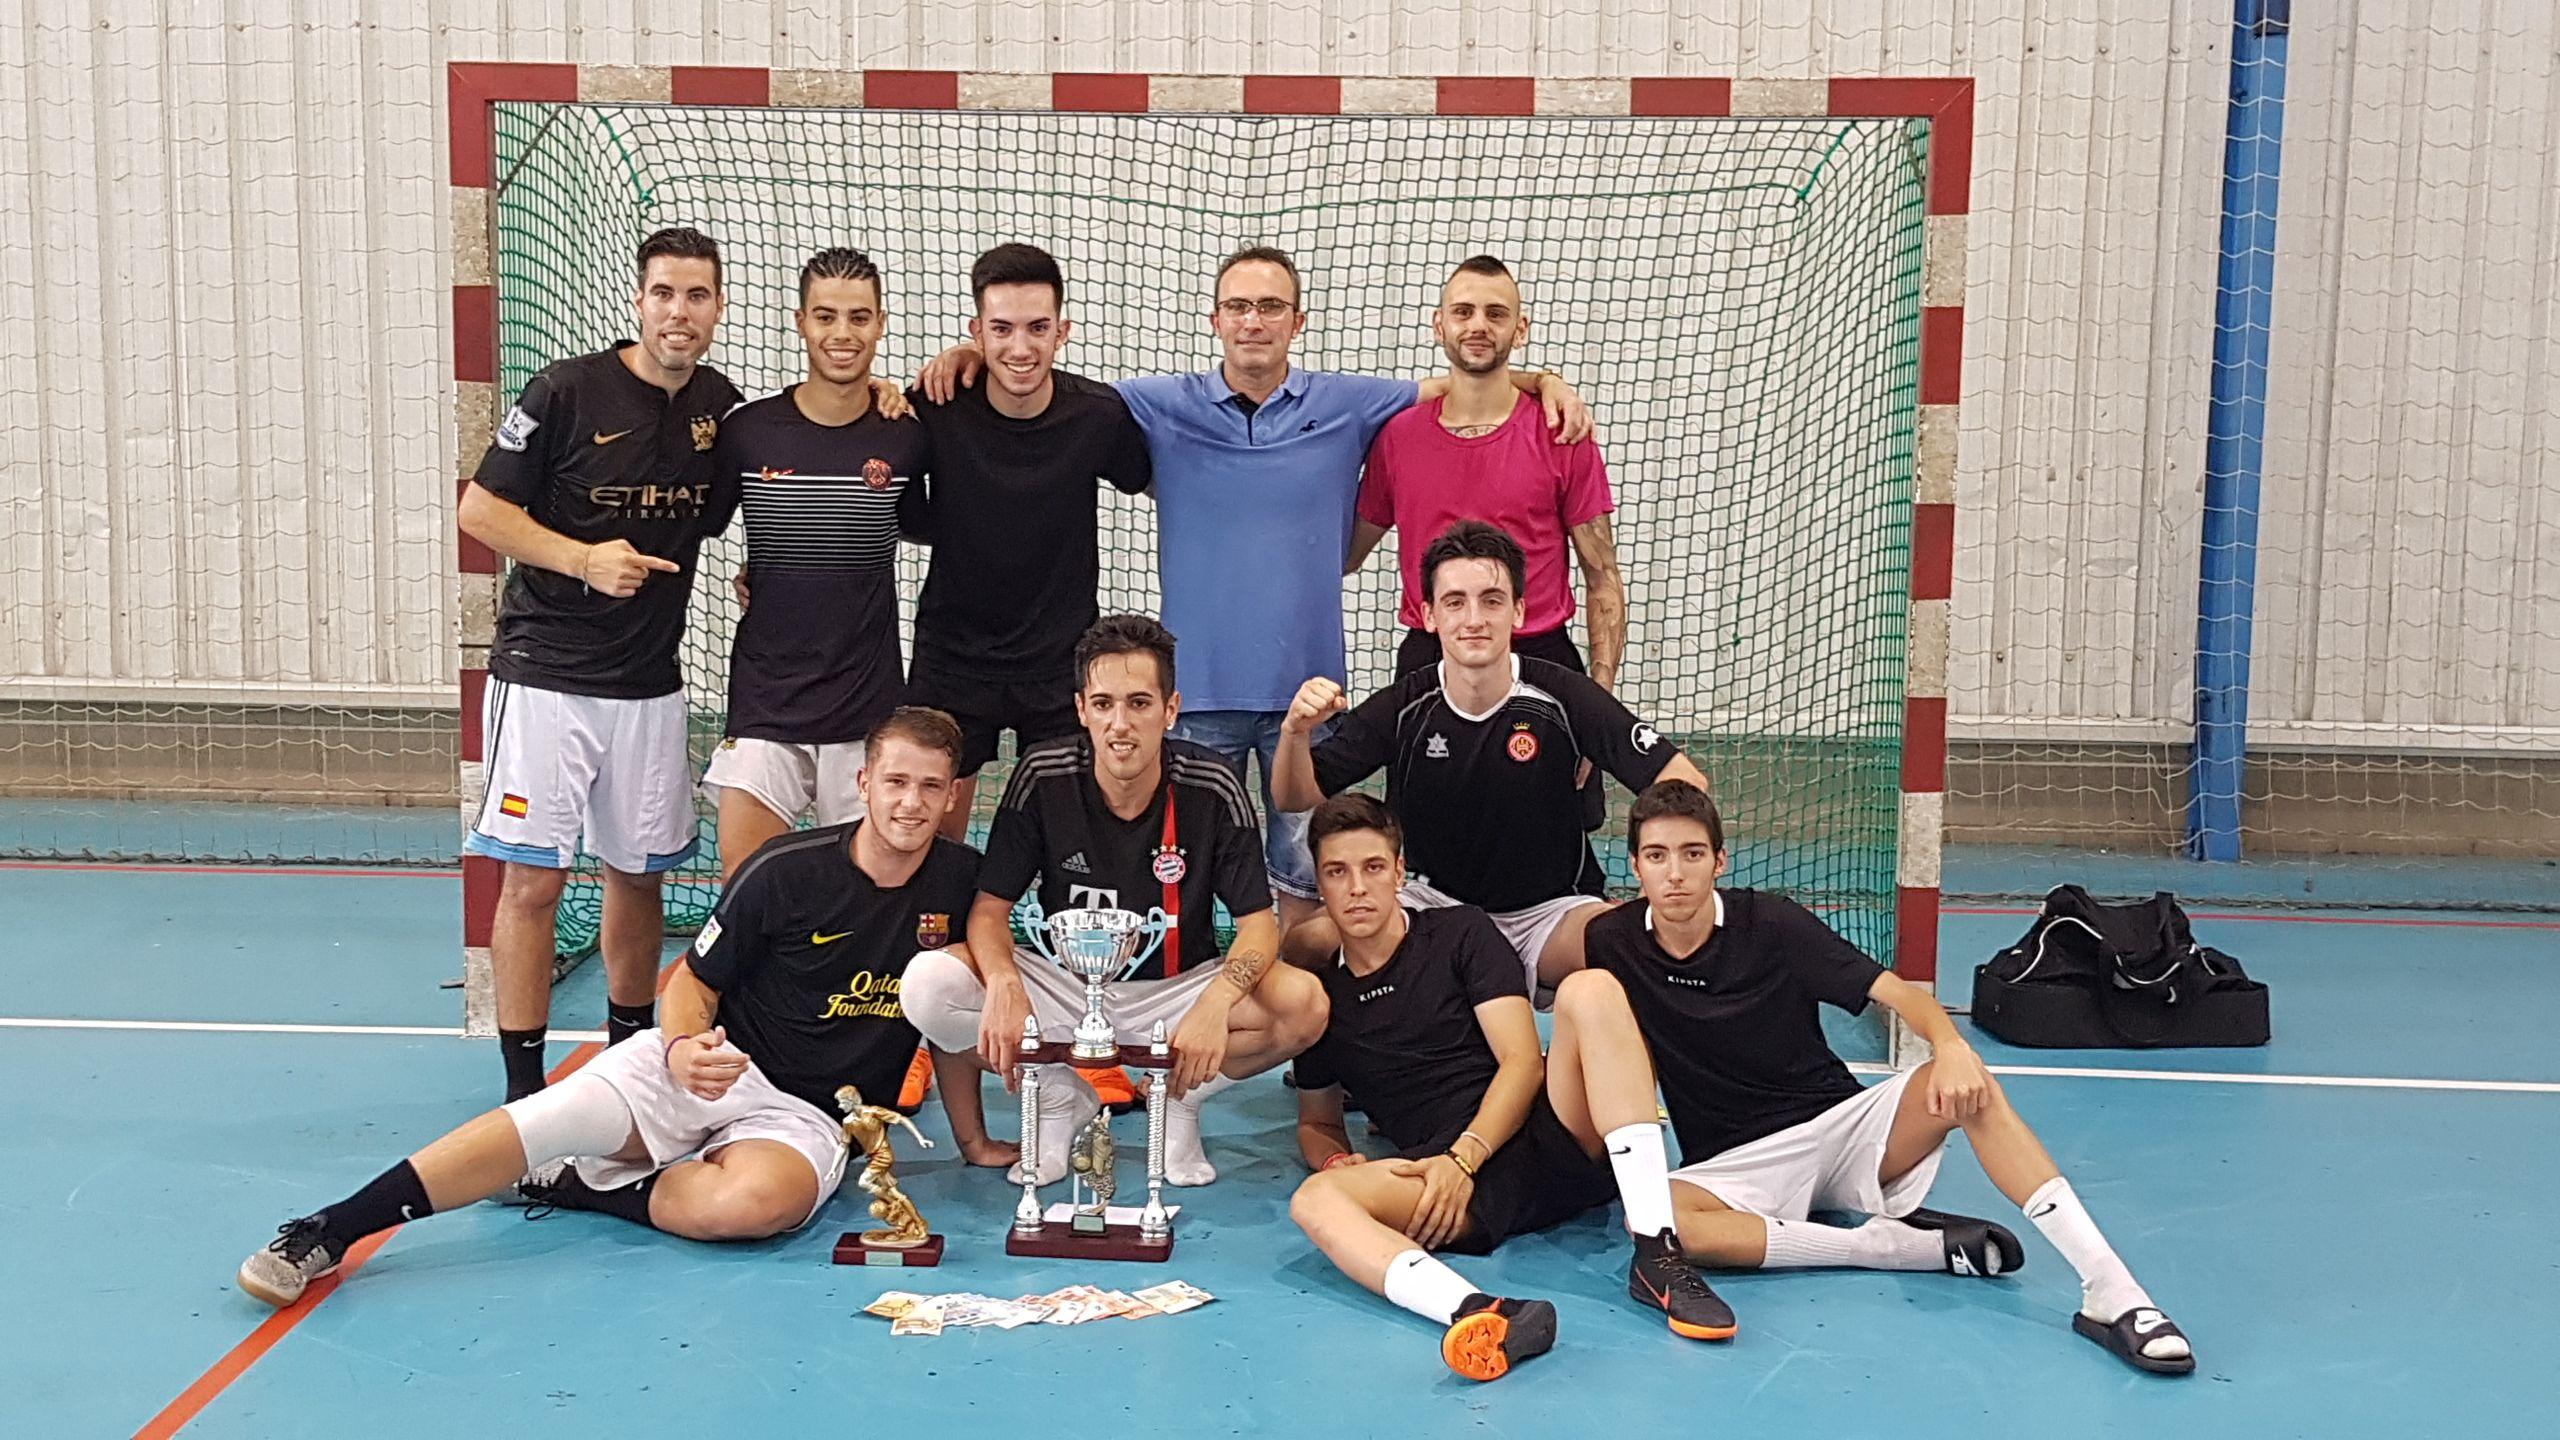 L'equip Black mamba guanya el Torneig de les 24 hores del FSU Llagostense